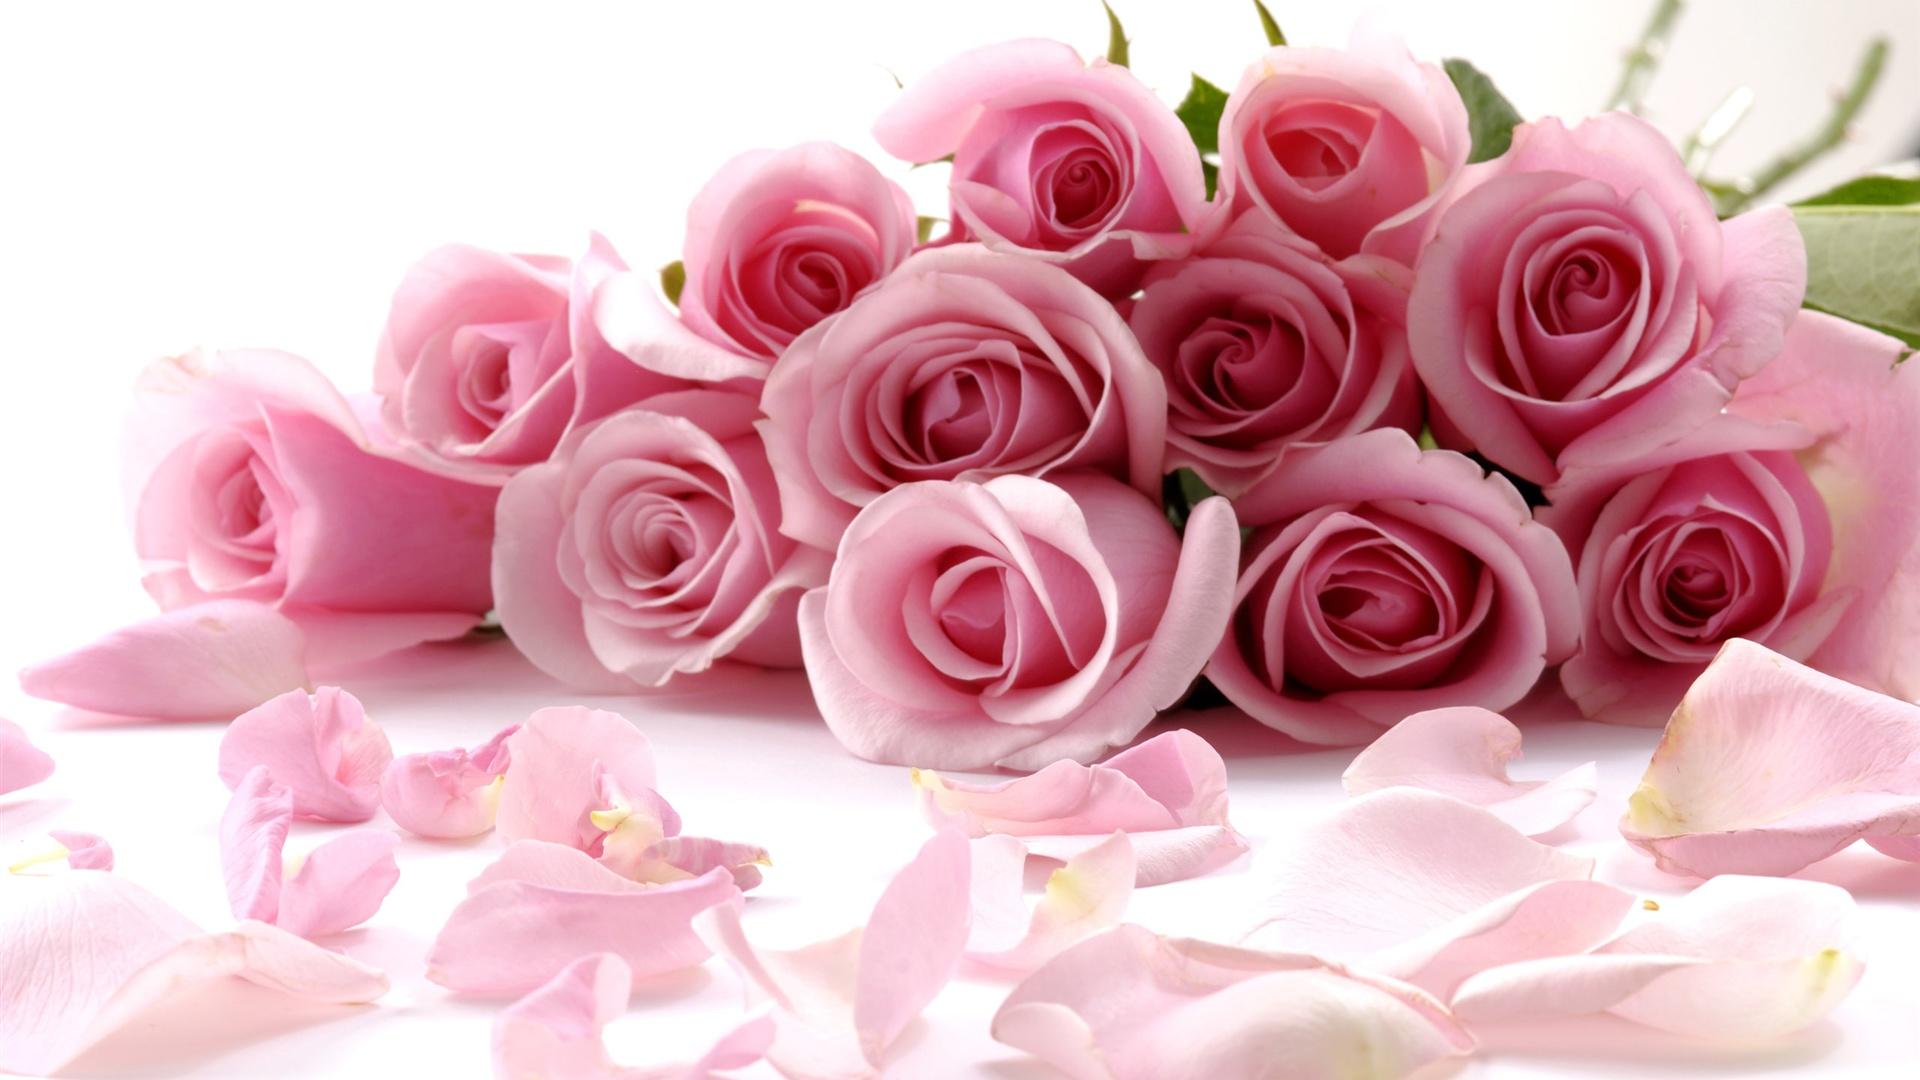 romantique de roses roses fonds d'écran x fonds d'écran